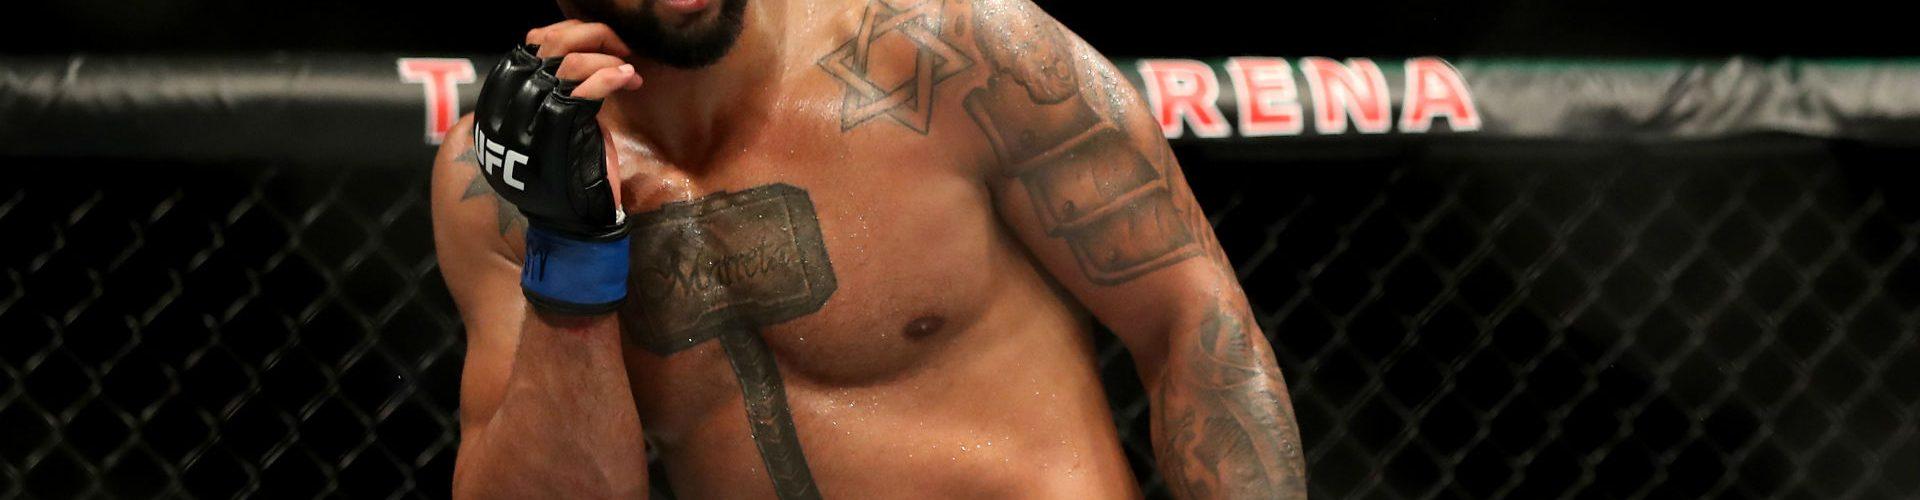 UFC: Thiago Santos Fought Despite of Injury